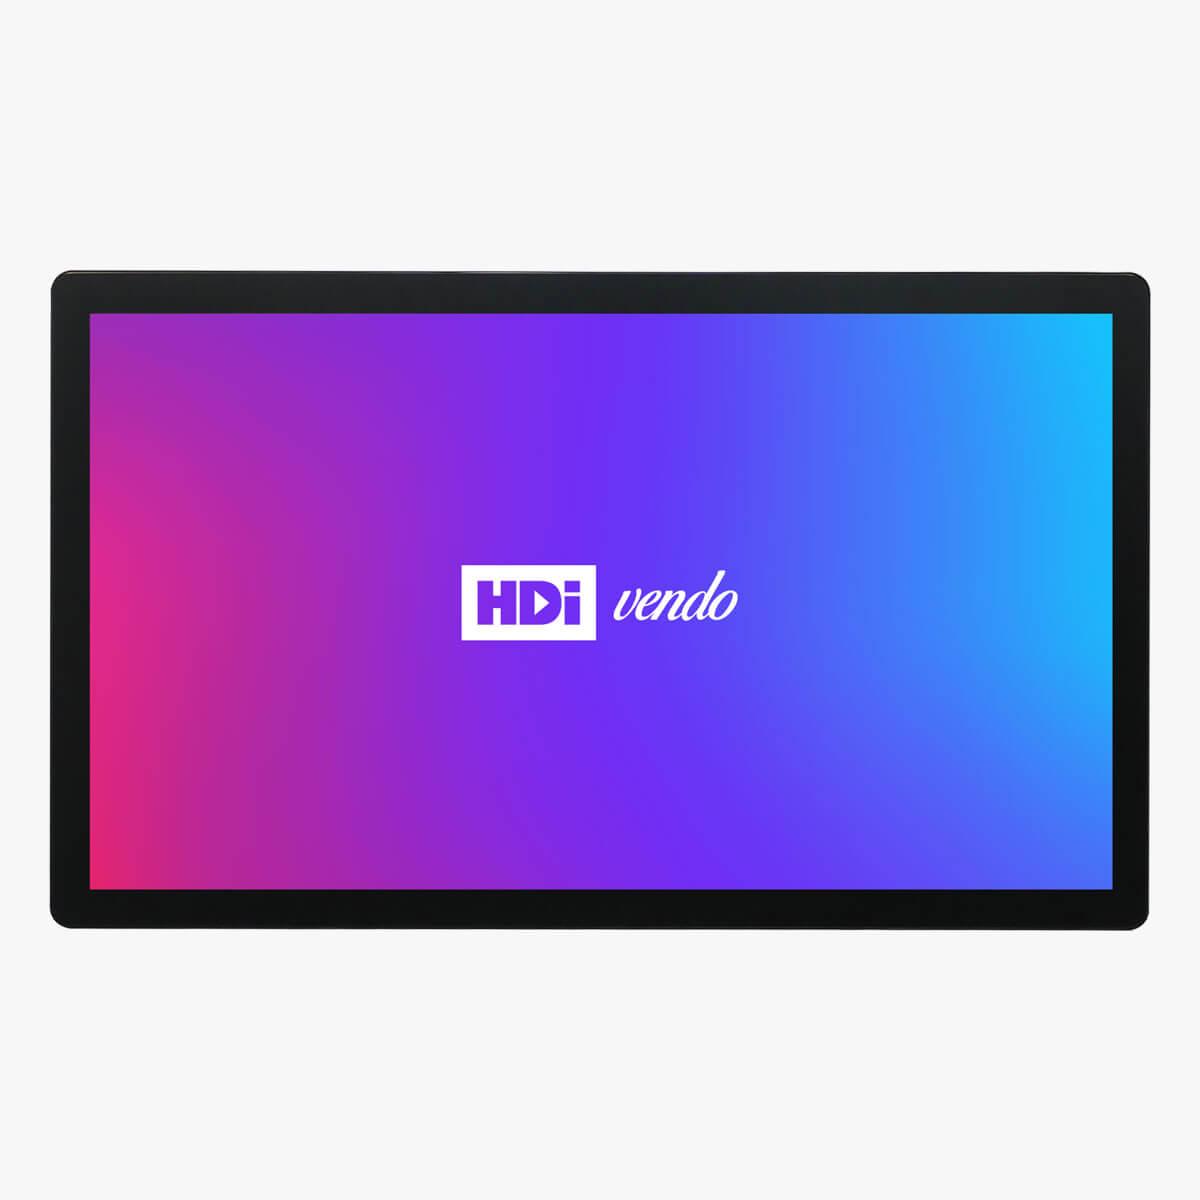 HDi Vendo Displays